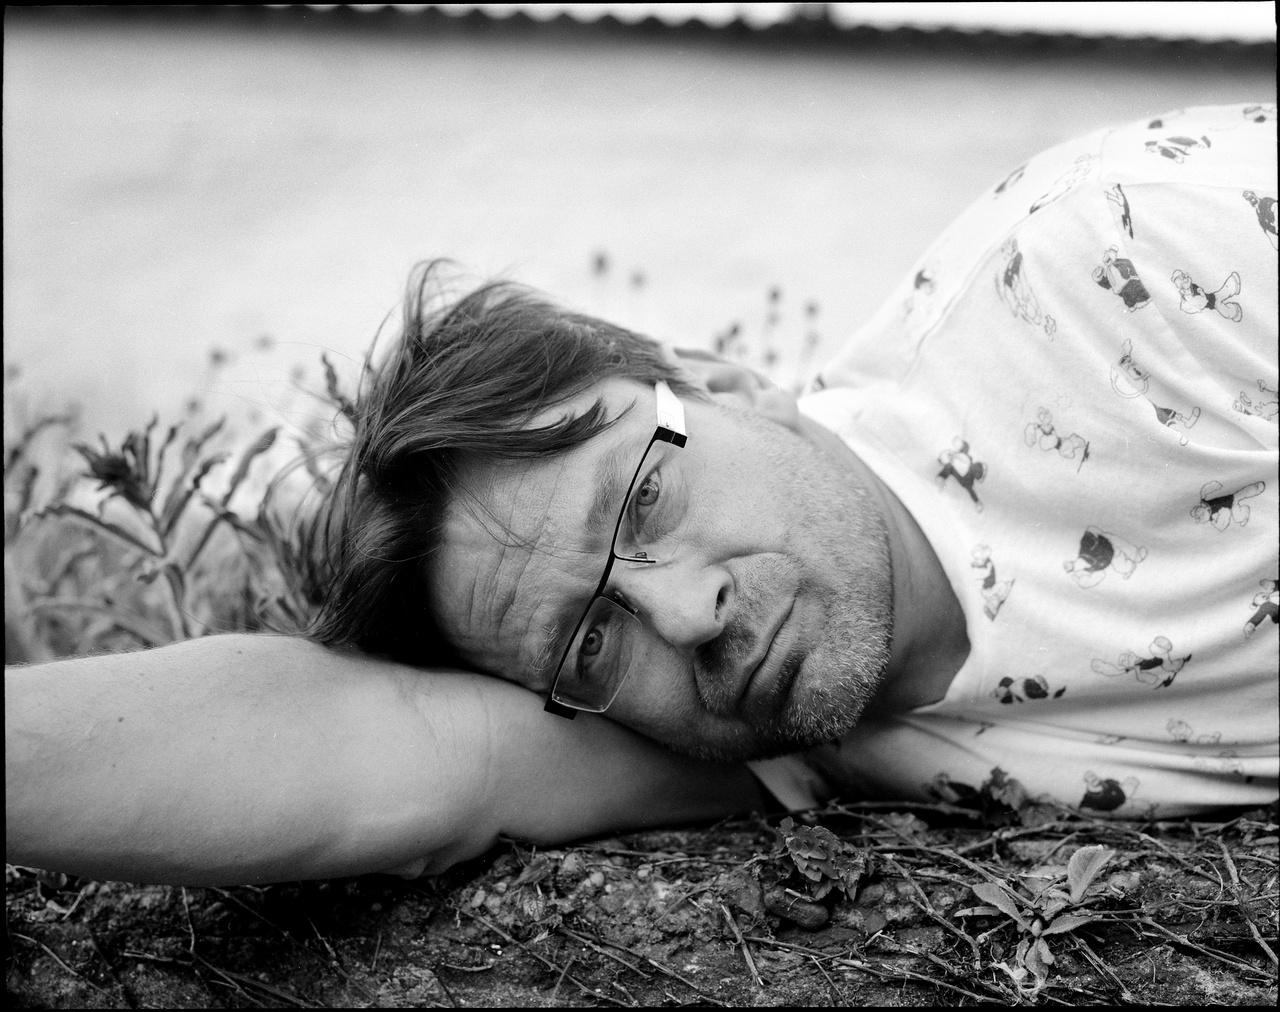 Az idén 52 éves, pécsi születésű, 2010 óta Kossuth-díjas Lovasi András az 1980-as évek vége óta a magyar alterzenei élet talán legjelentősebb szereplője. Az 1987-ben megalakult Kispál és a Borz zenekarral 1988 és 2010 között több mint harminc albumot adtak ki - az utolsó a búcsúkoncert albuma volt 2010-ben -, a 2005-ben alakult Kiscsillaggal kilencet, és jelent meg két szólólemeze, egy 2001-ben, egy pedig idén (a lemezről rossz, Lovasi fishinges koncertjéről jó véleménnyel voltunk). Zenész, énekes, dalszerző, zeneszerző, játszik gitáron, basszusgitáron és akár bendzsón is. Az egyik legismertebb Kispál-dalt, a Húsrágó, hídverőt a kilencvences legmeghatározóbb alterzenei számának választották. A Kiscsillaggal évek óta rendszeresen fellépnek a Kobuciban, idén május 17-én volt telt házas koncertjük.